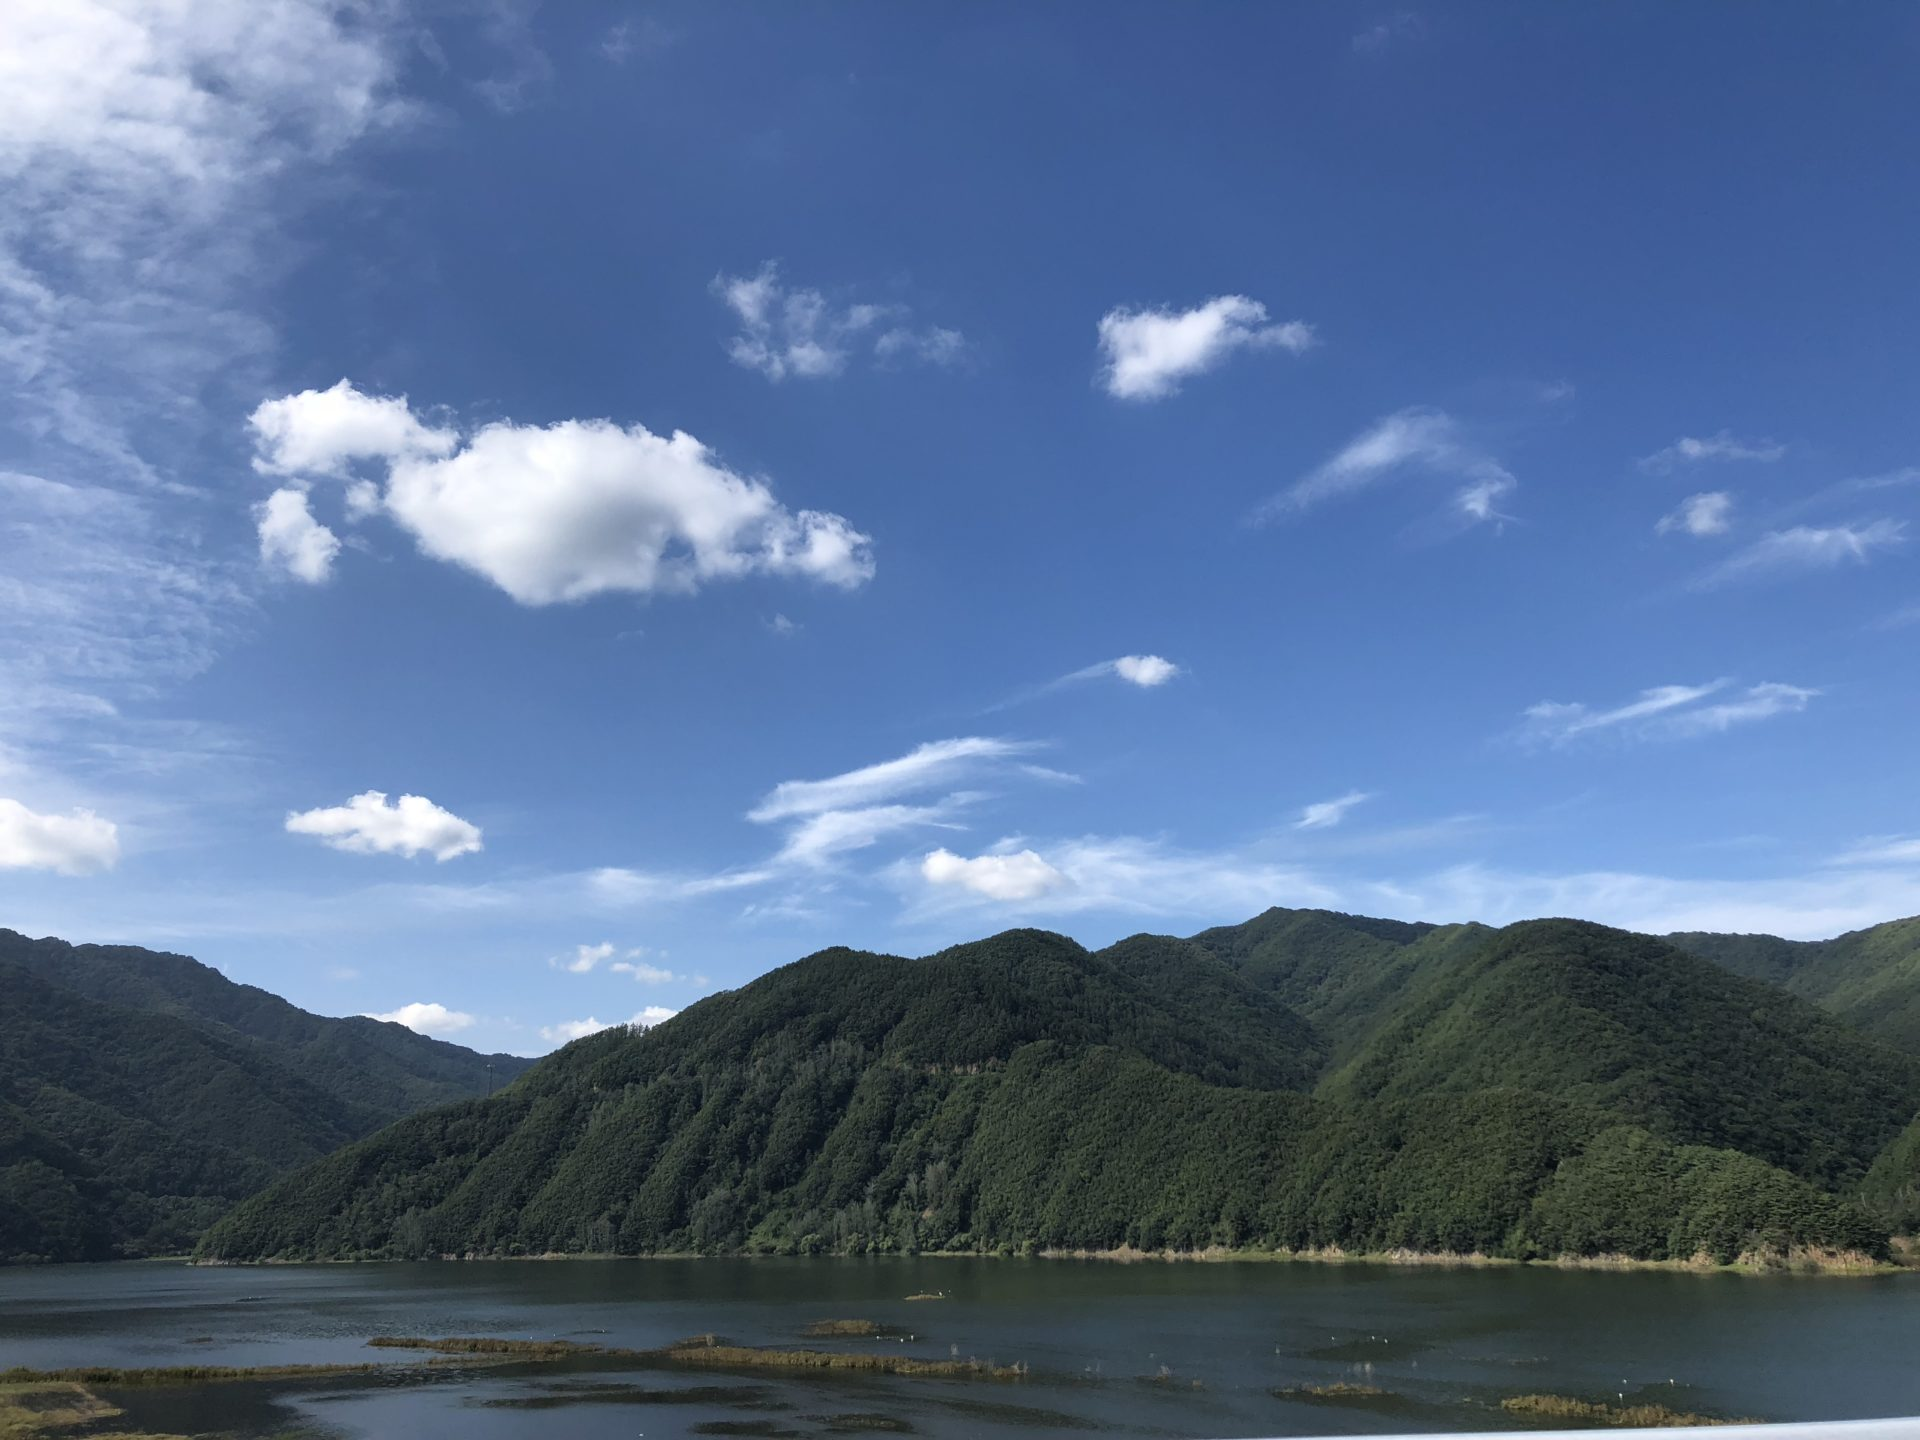 Yanggu-gun